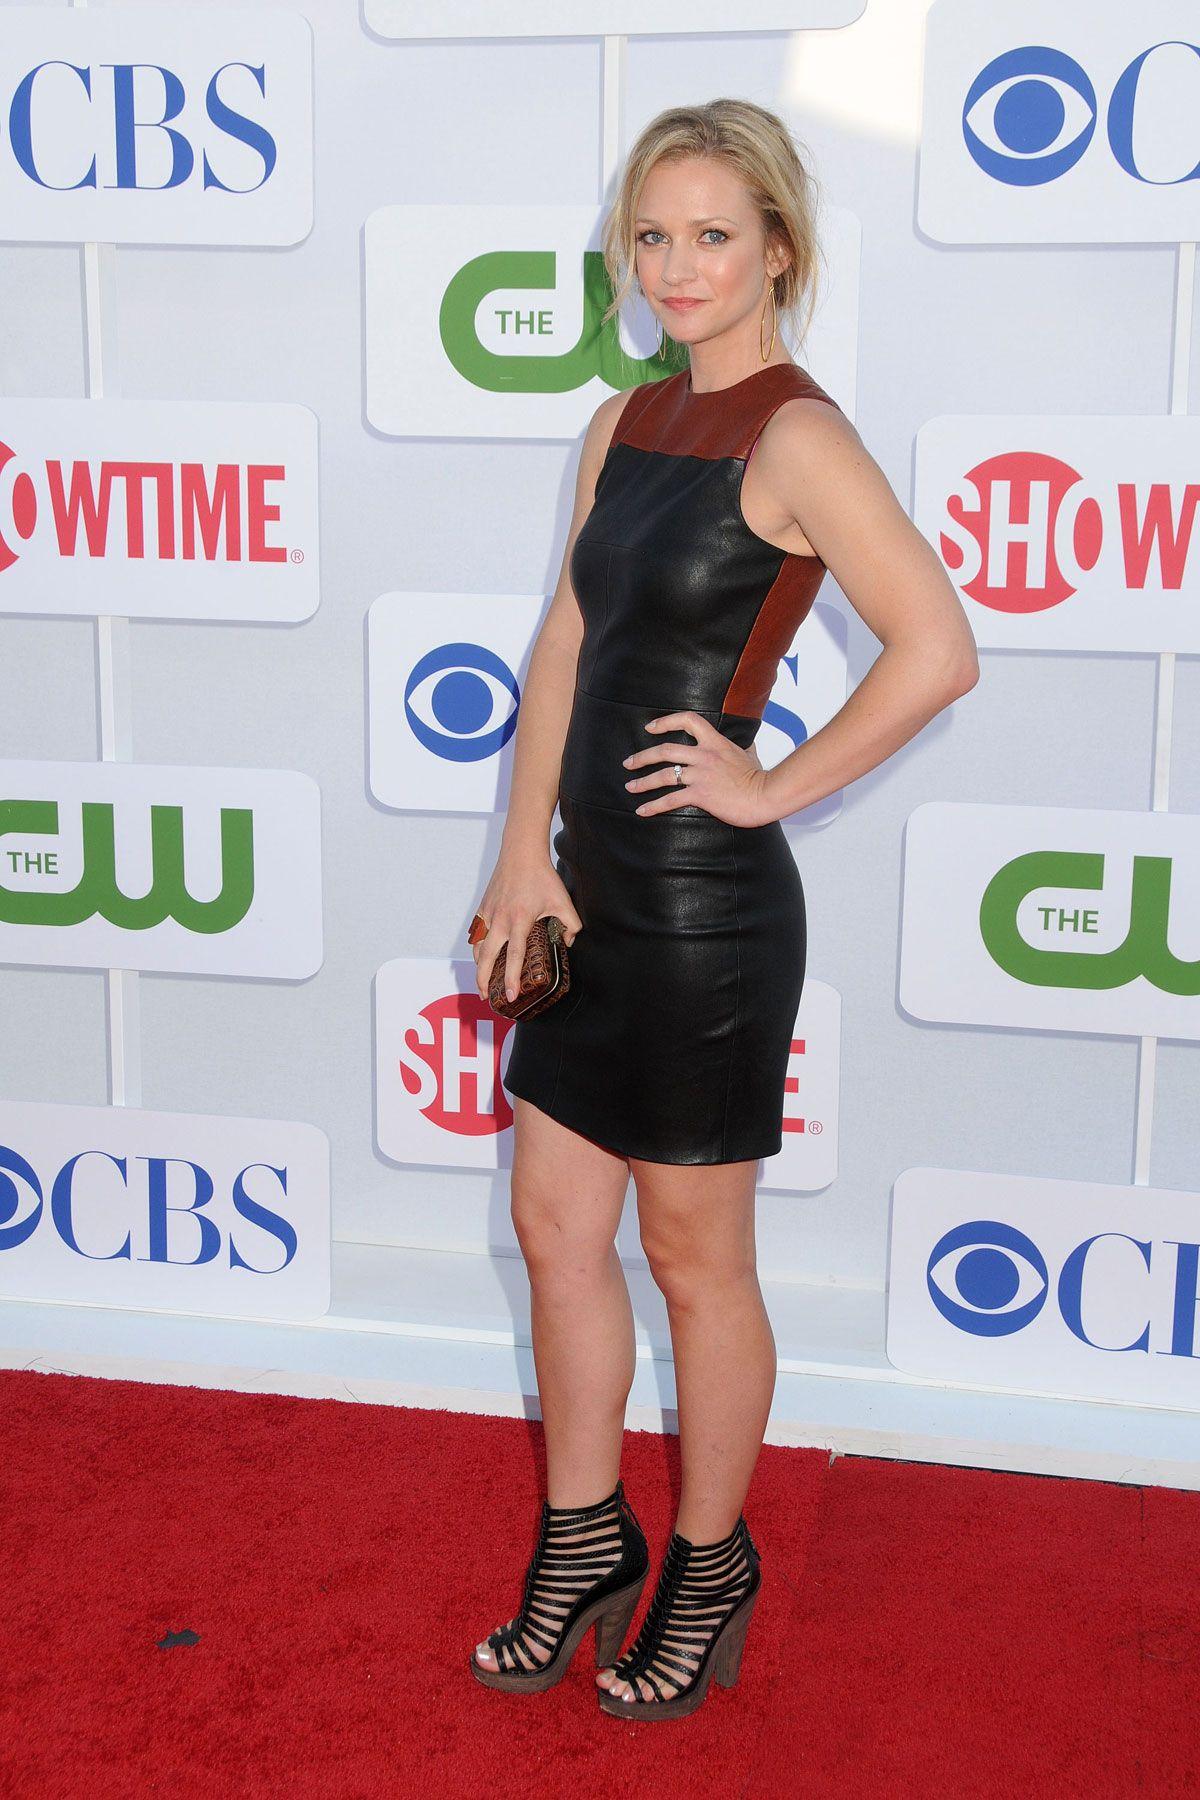 AJ Cook #Actress